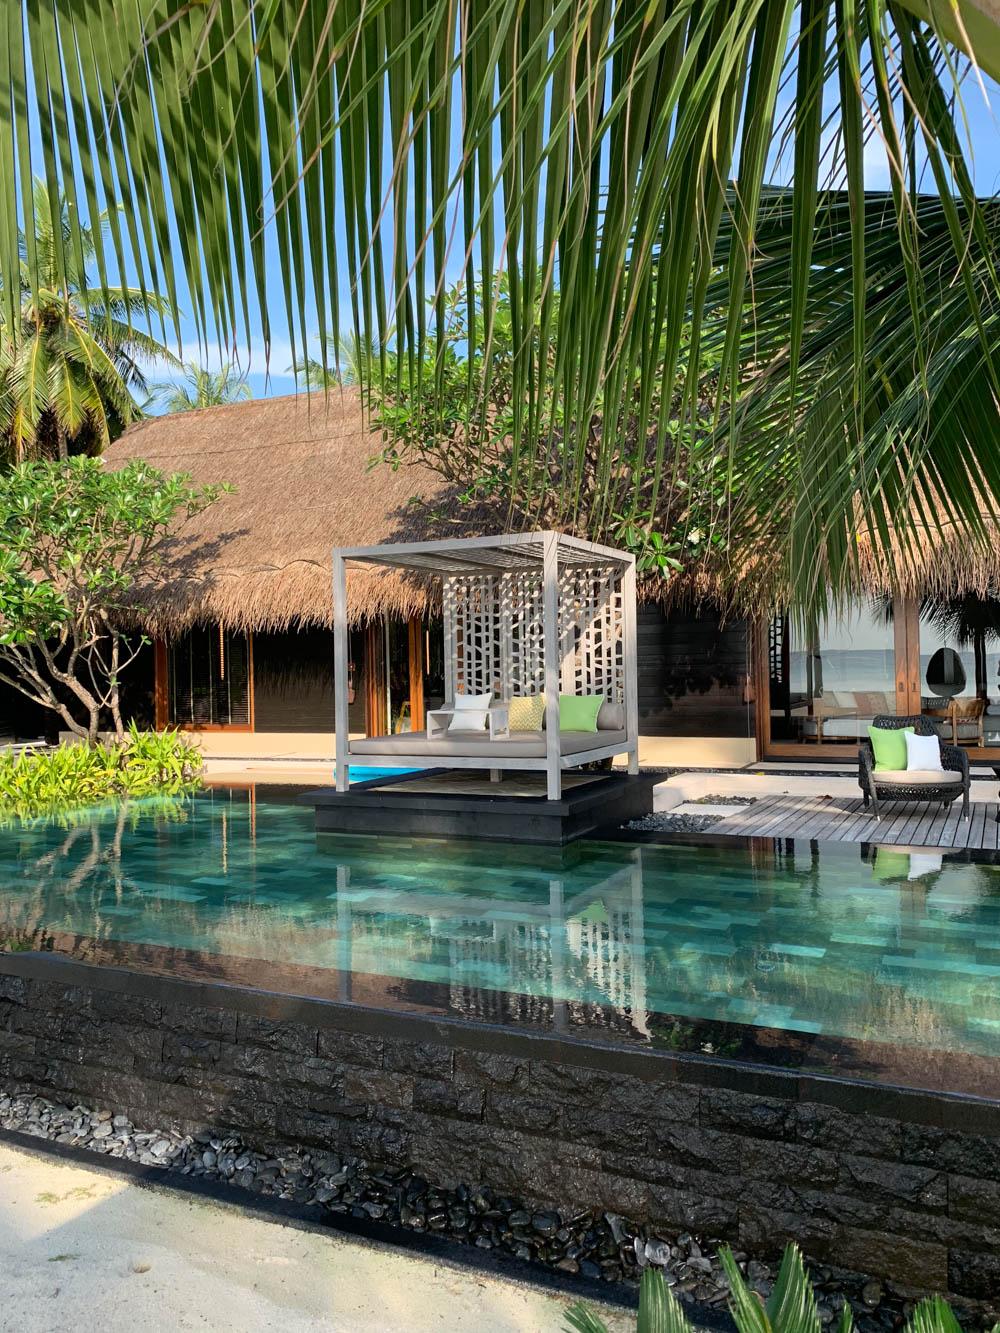 Maldives_Resort_Honeymoon_OneandOnly_MaldivesTravelAdvisor-9.jpg